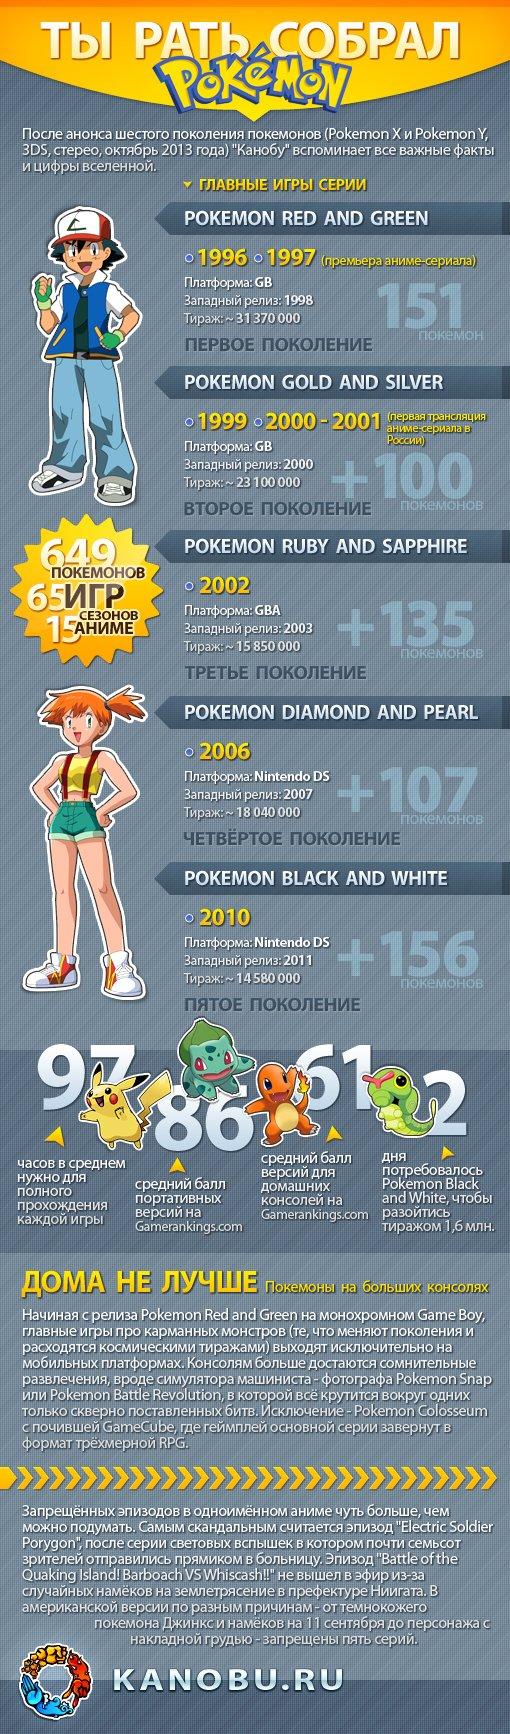 Инфографика. Ты рать собрал: Покемоноведение | Канобу - Изображение 1